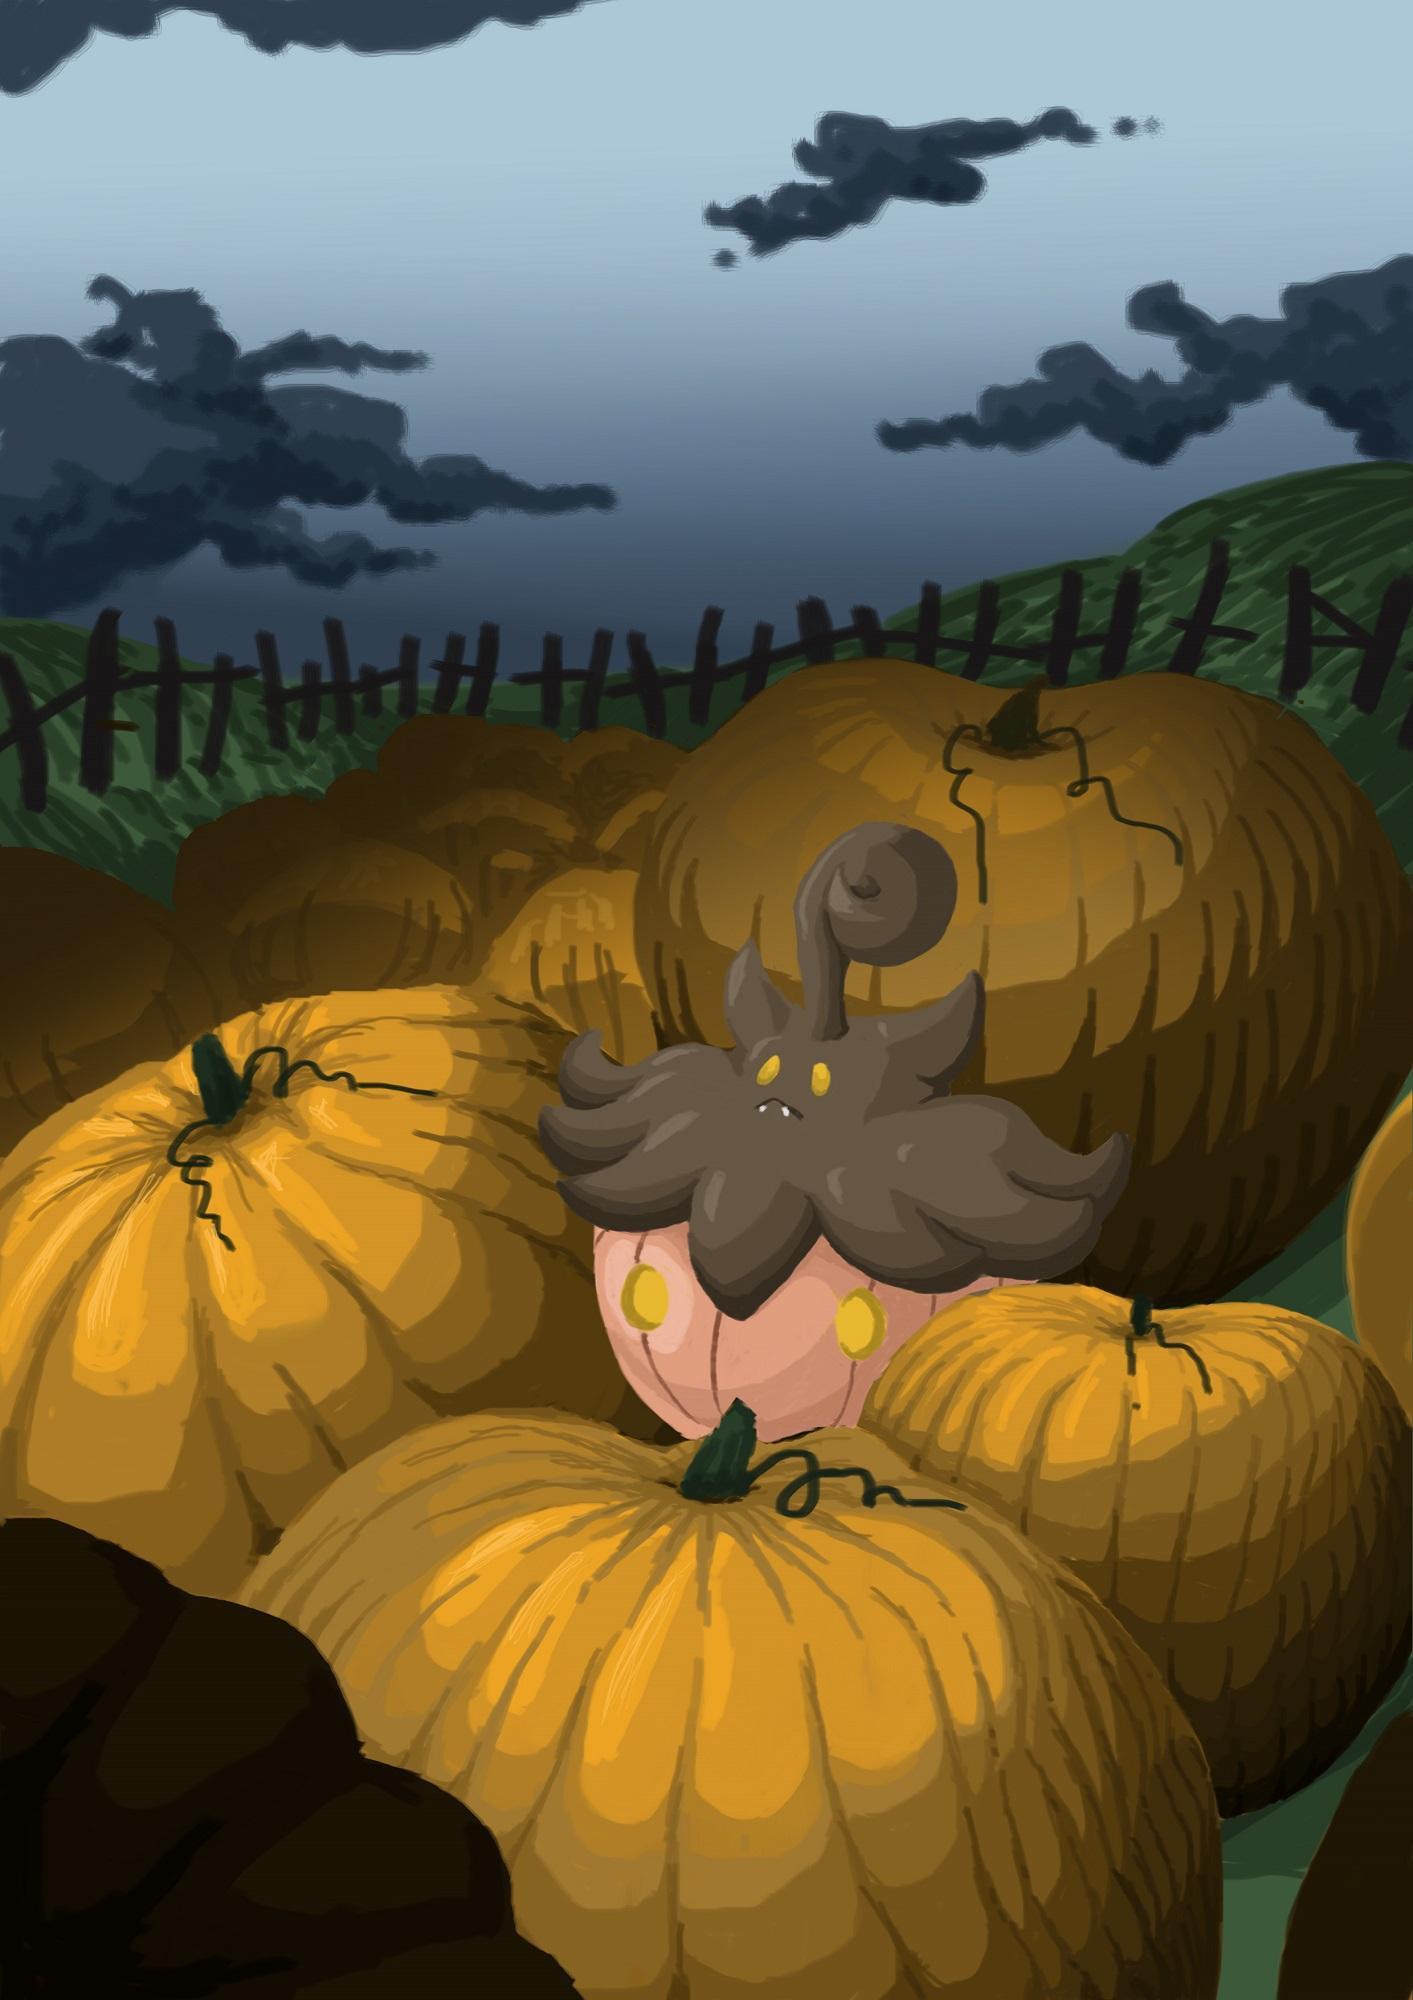 Pokémon-Zeichnung: Kürbisfeld mit Irrbis